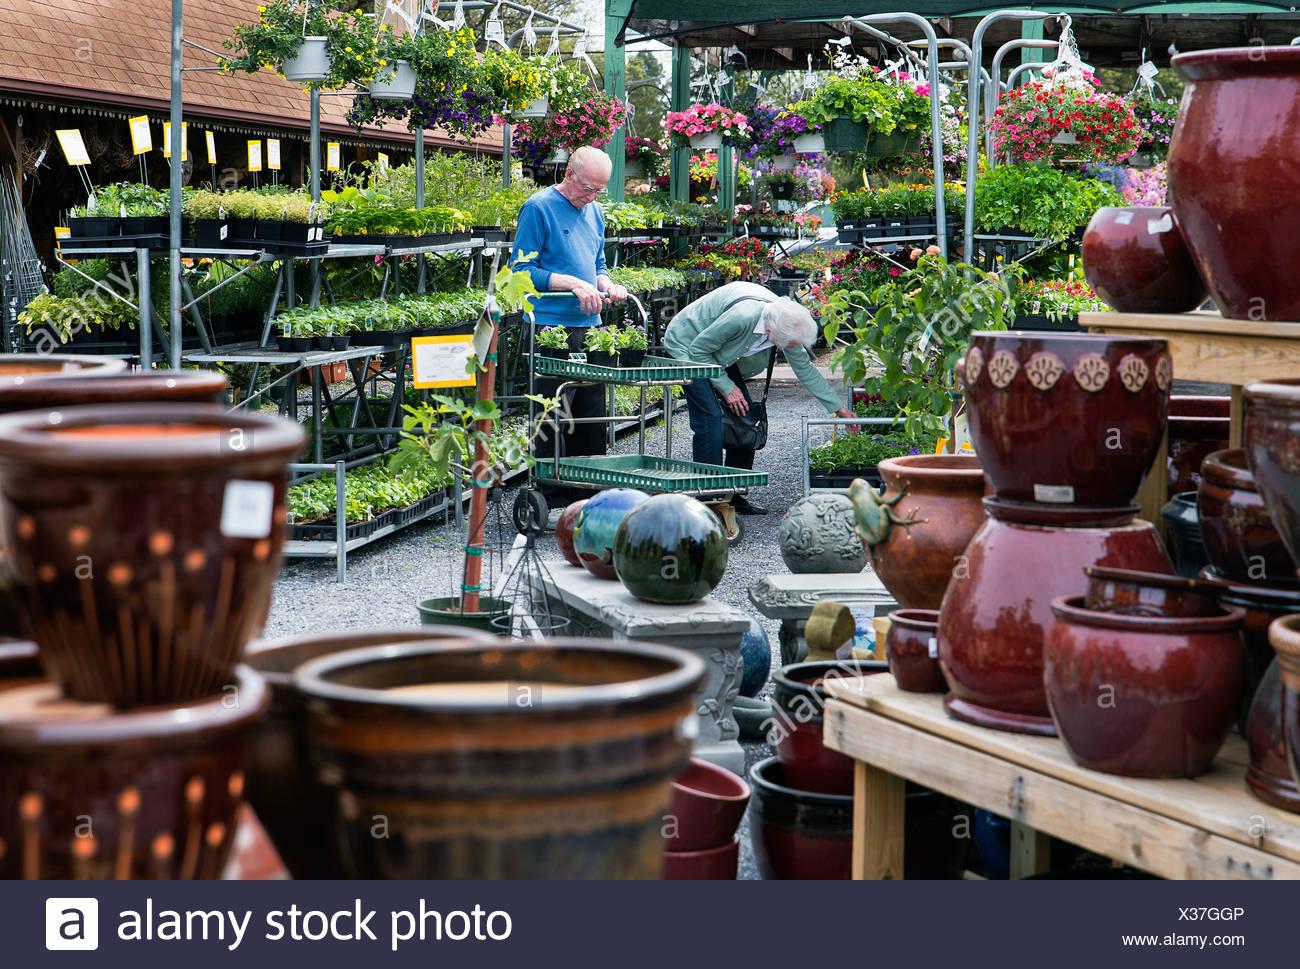 Senior couple shopping for plants at a garden center. - Stock Image